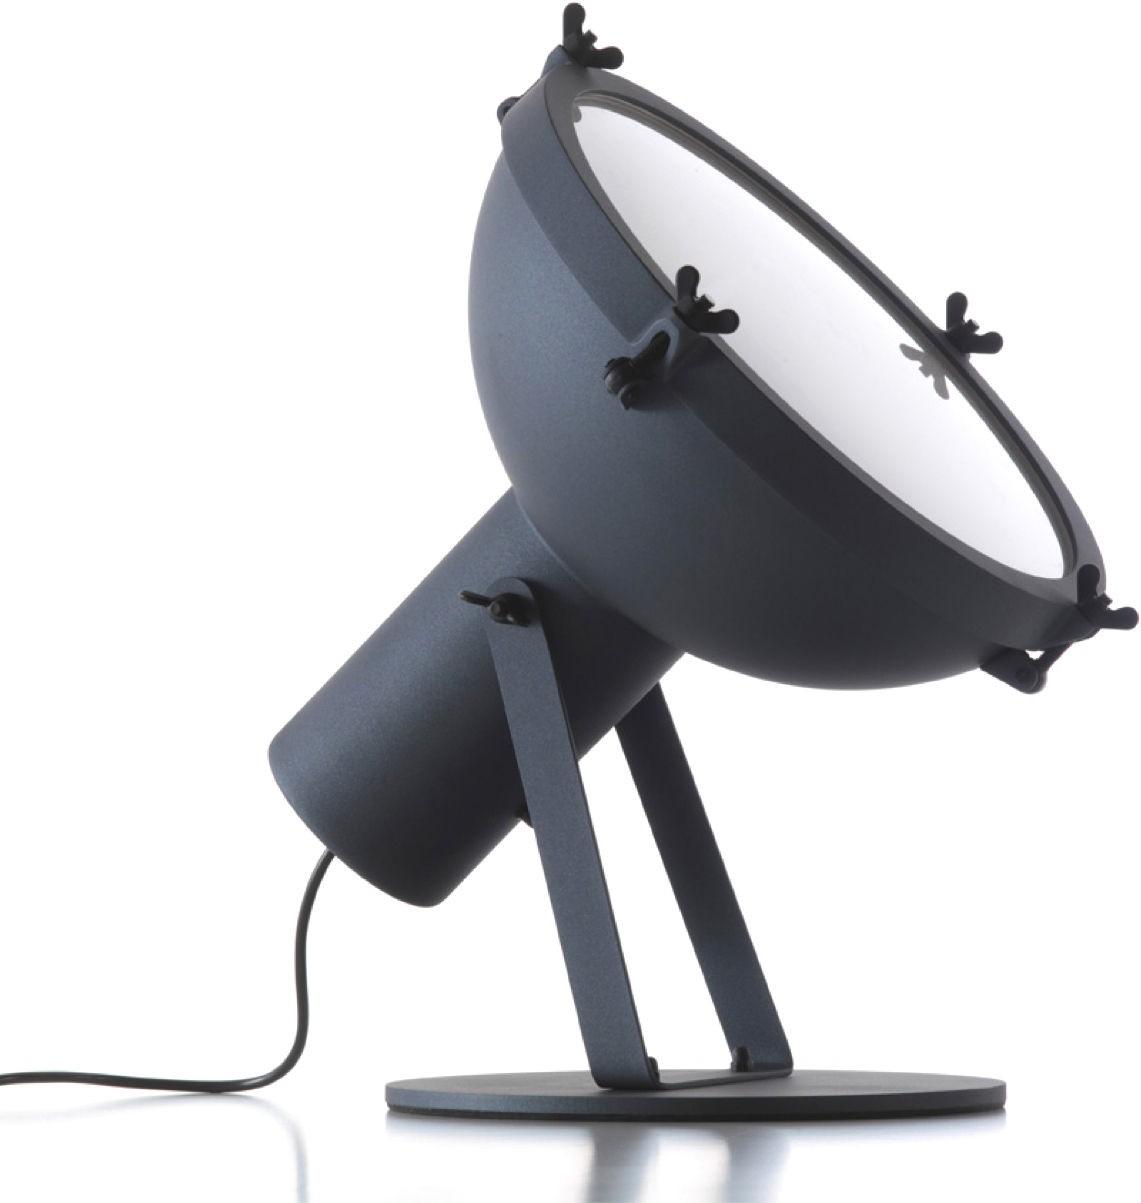 projecteur 365 carrerouge luminaires et mobilier de. Black Bedroom Furniture Sets. Home Design Ideas